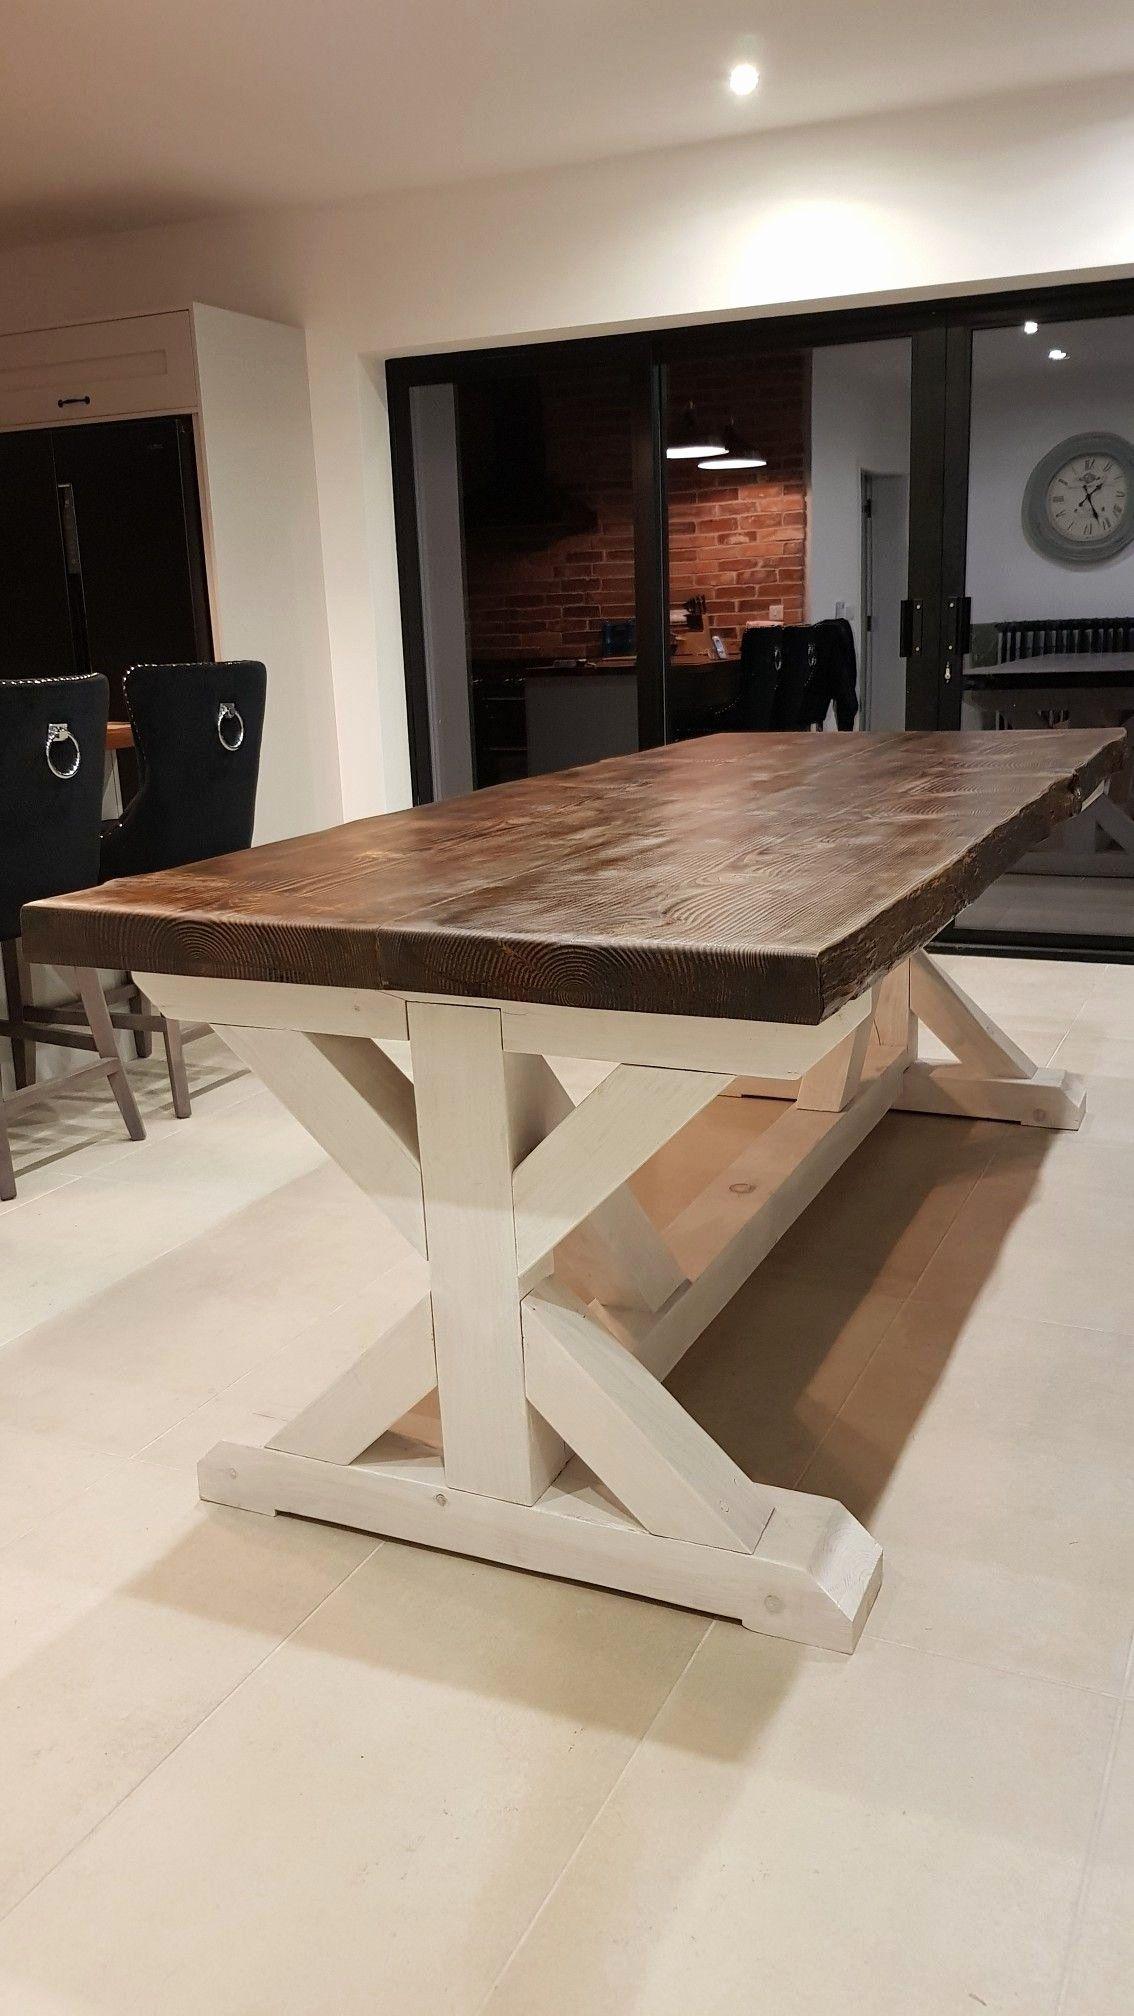 39+ Building a farmhouse table model